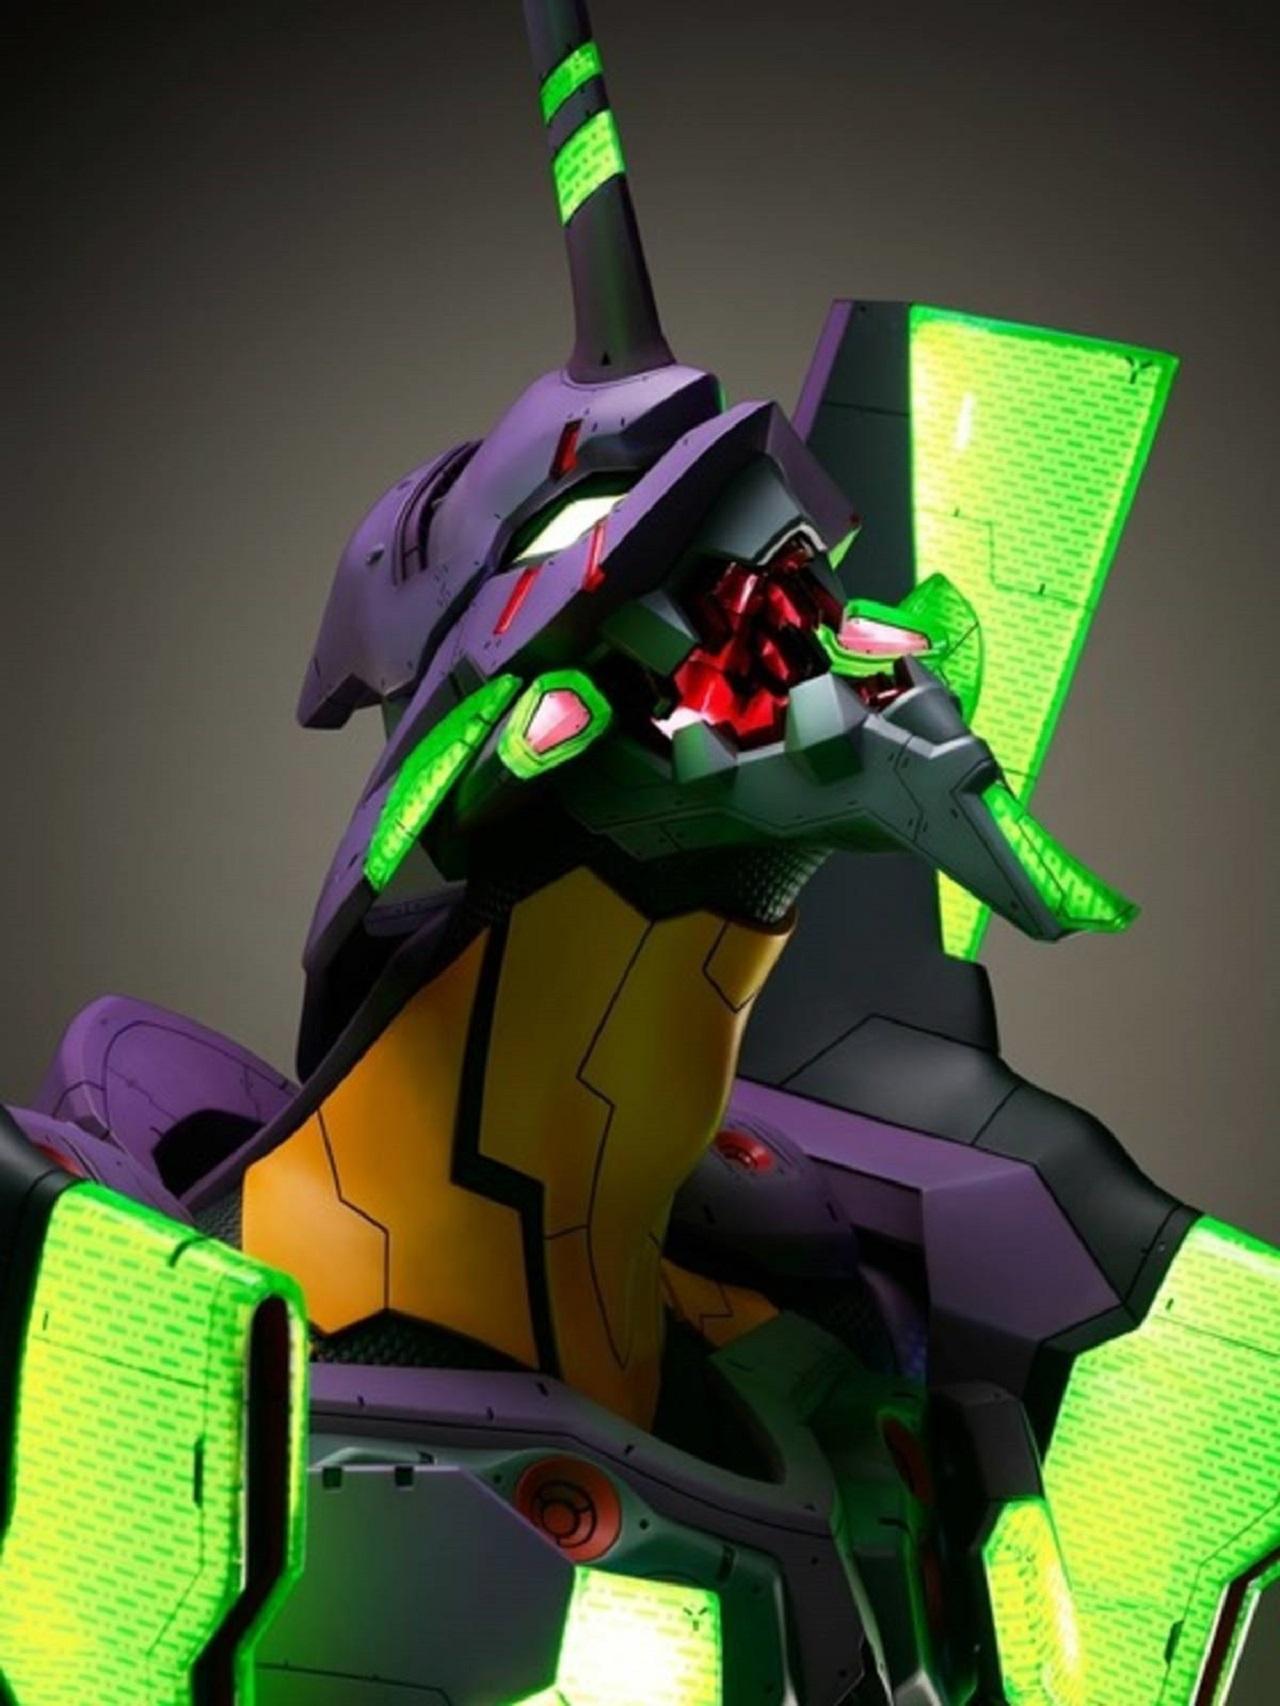 Estatua de Tamaño Humano de la Unidad 01 de Evangelion